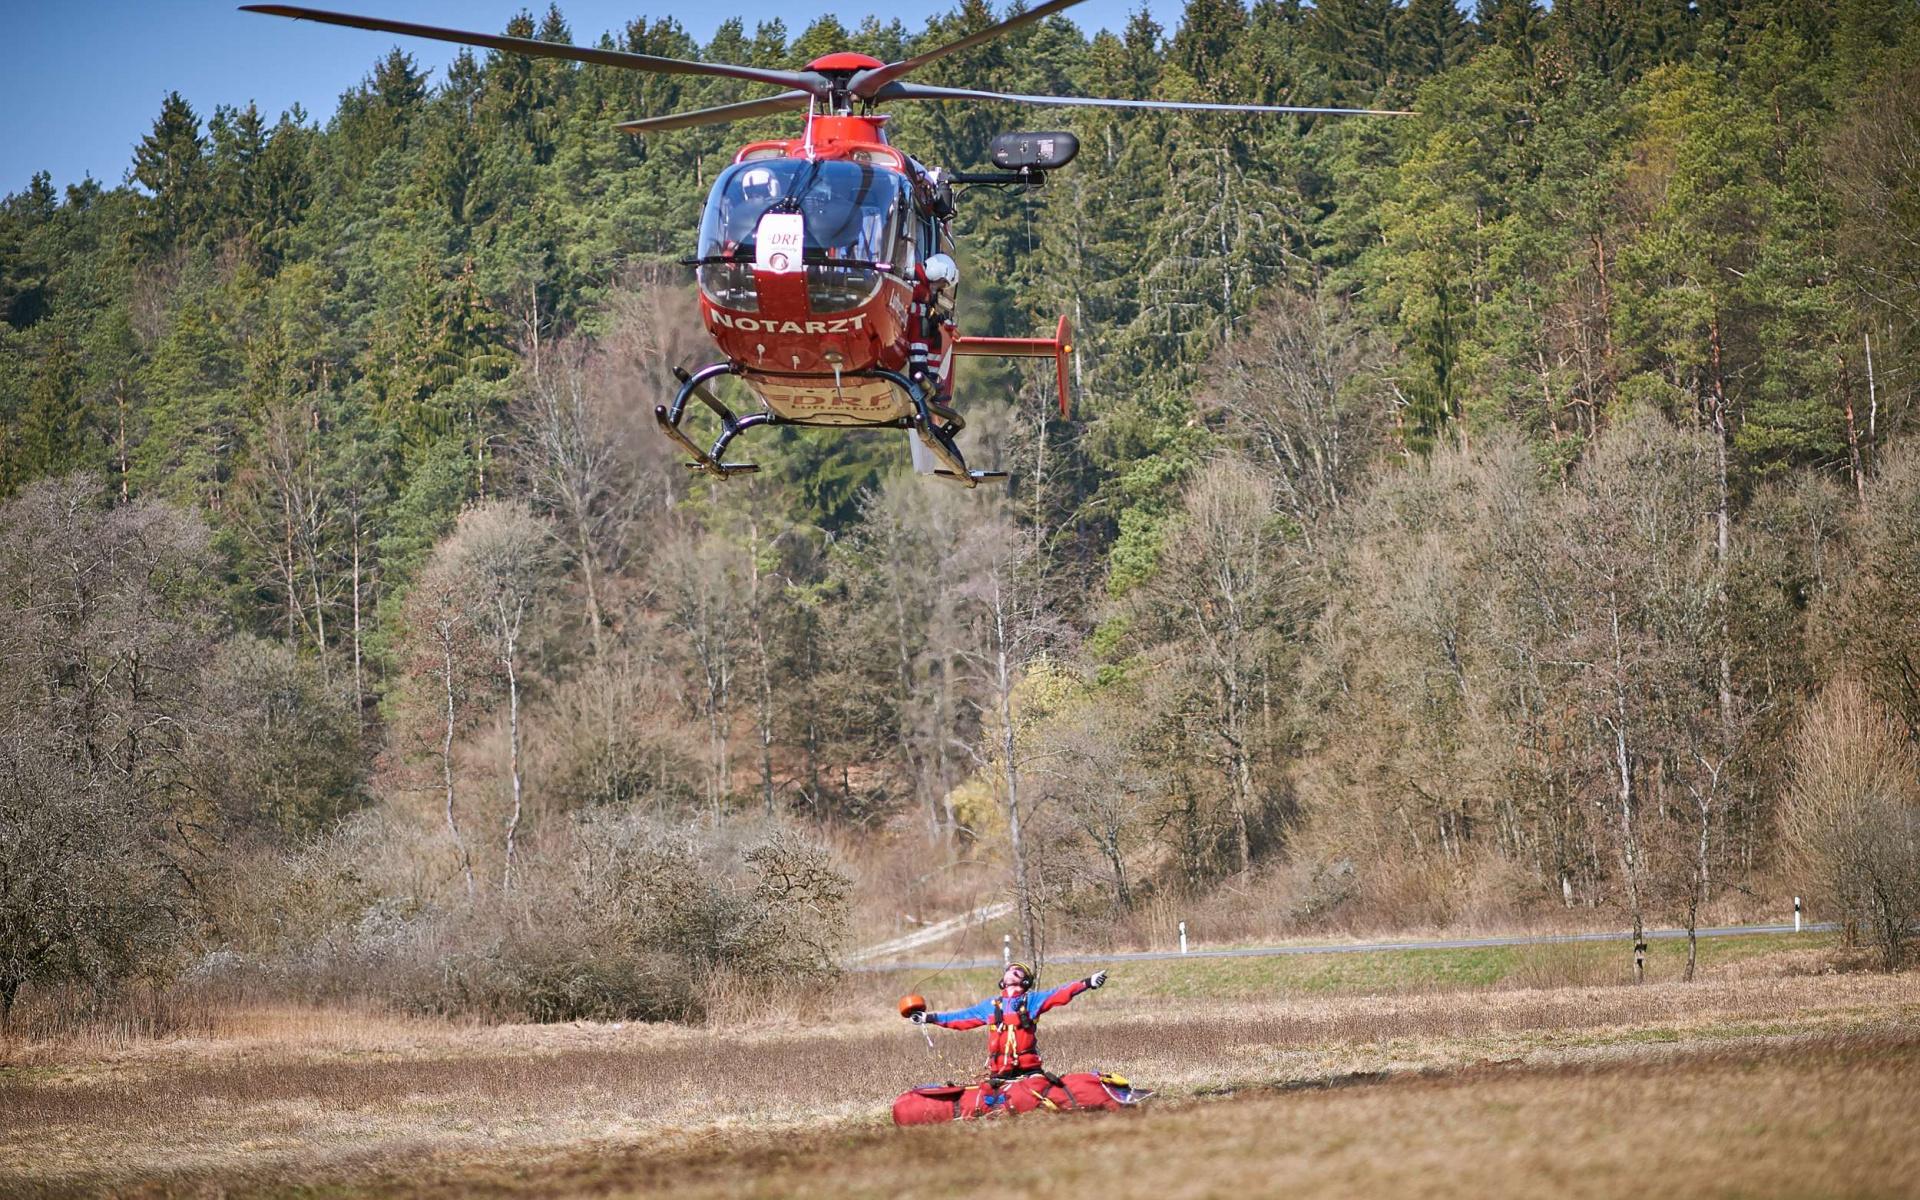 Präzise lässt der Windenoperator die Winde aus dem Hubschrauber zum Bergretter hinunter. (Foto: Michael Meyer)